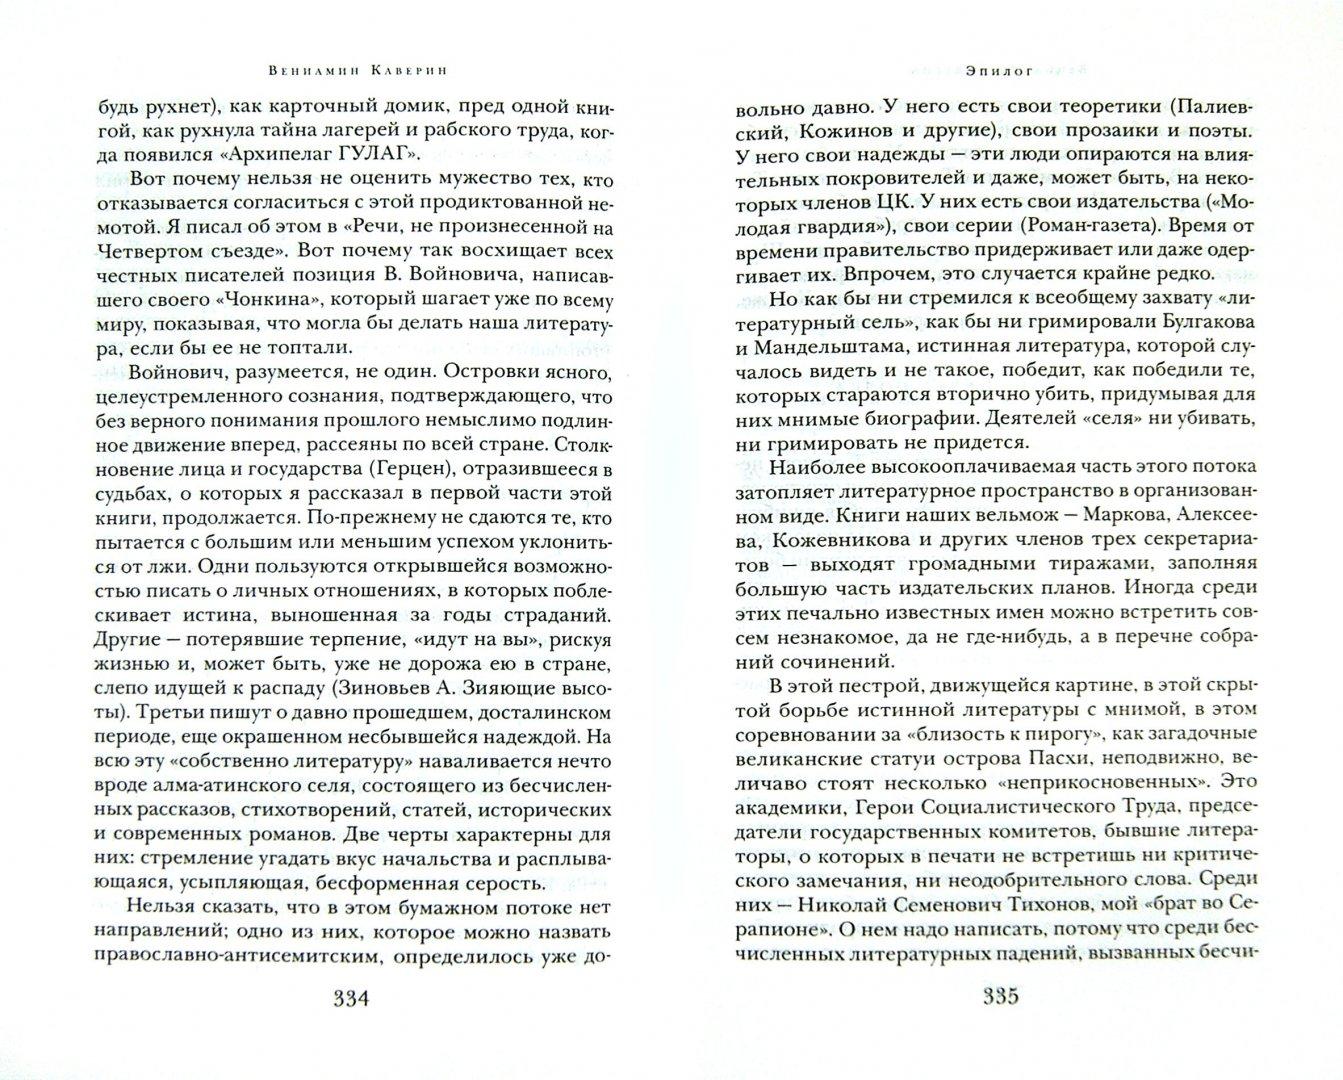 Иллюстрация 1 из 33 для Эпилог - Вениамин Каверин | Лабиринт - книги. Источник: Лабиринт